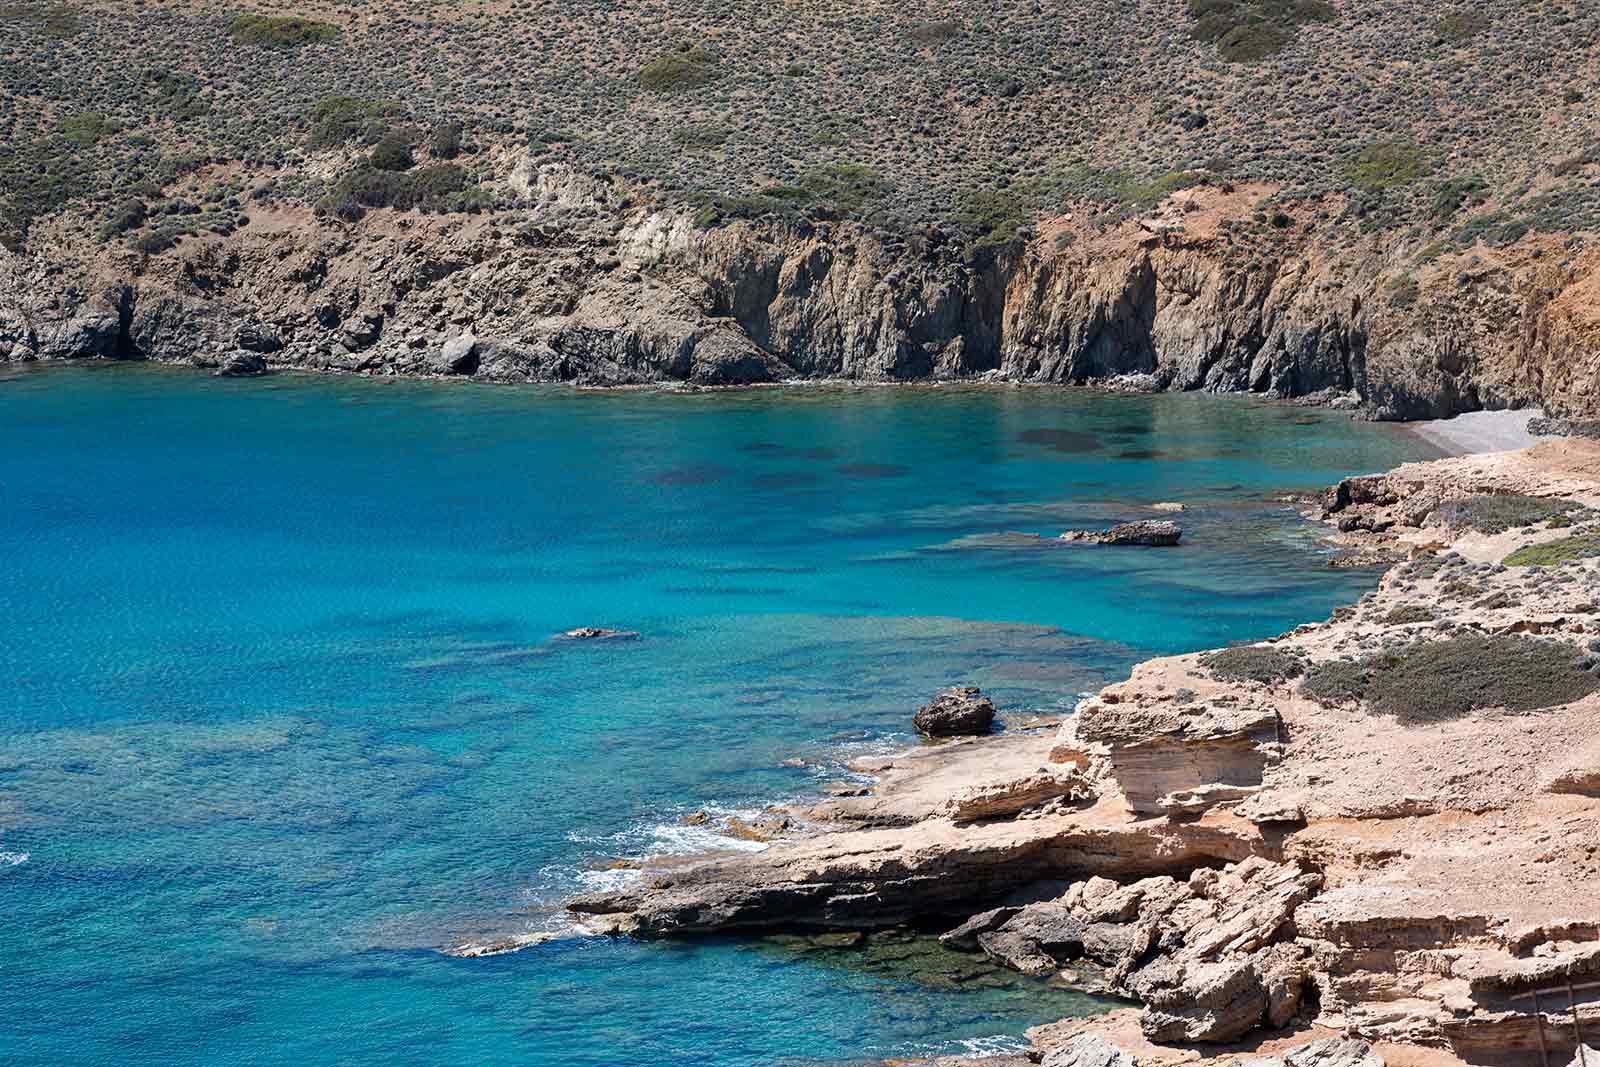 Todas las playas de Astipalea tienen aguas cristalinas y son mucho más tranquilas que las playas de otras islas griegas.